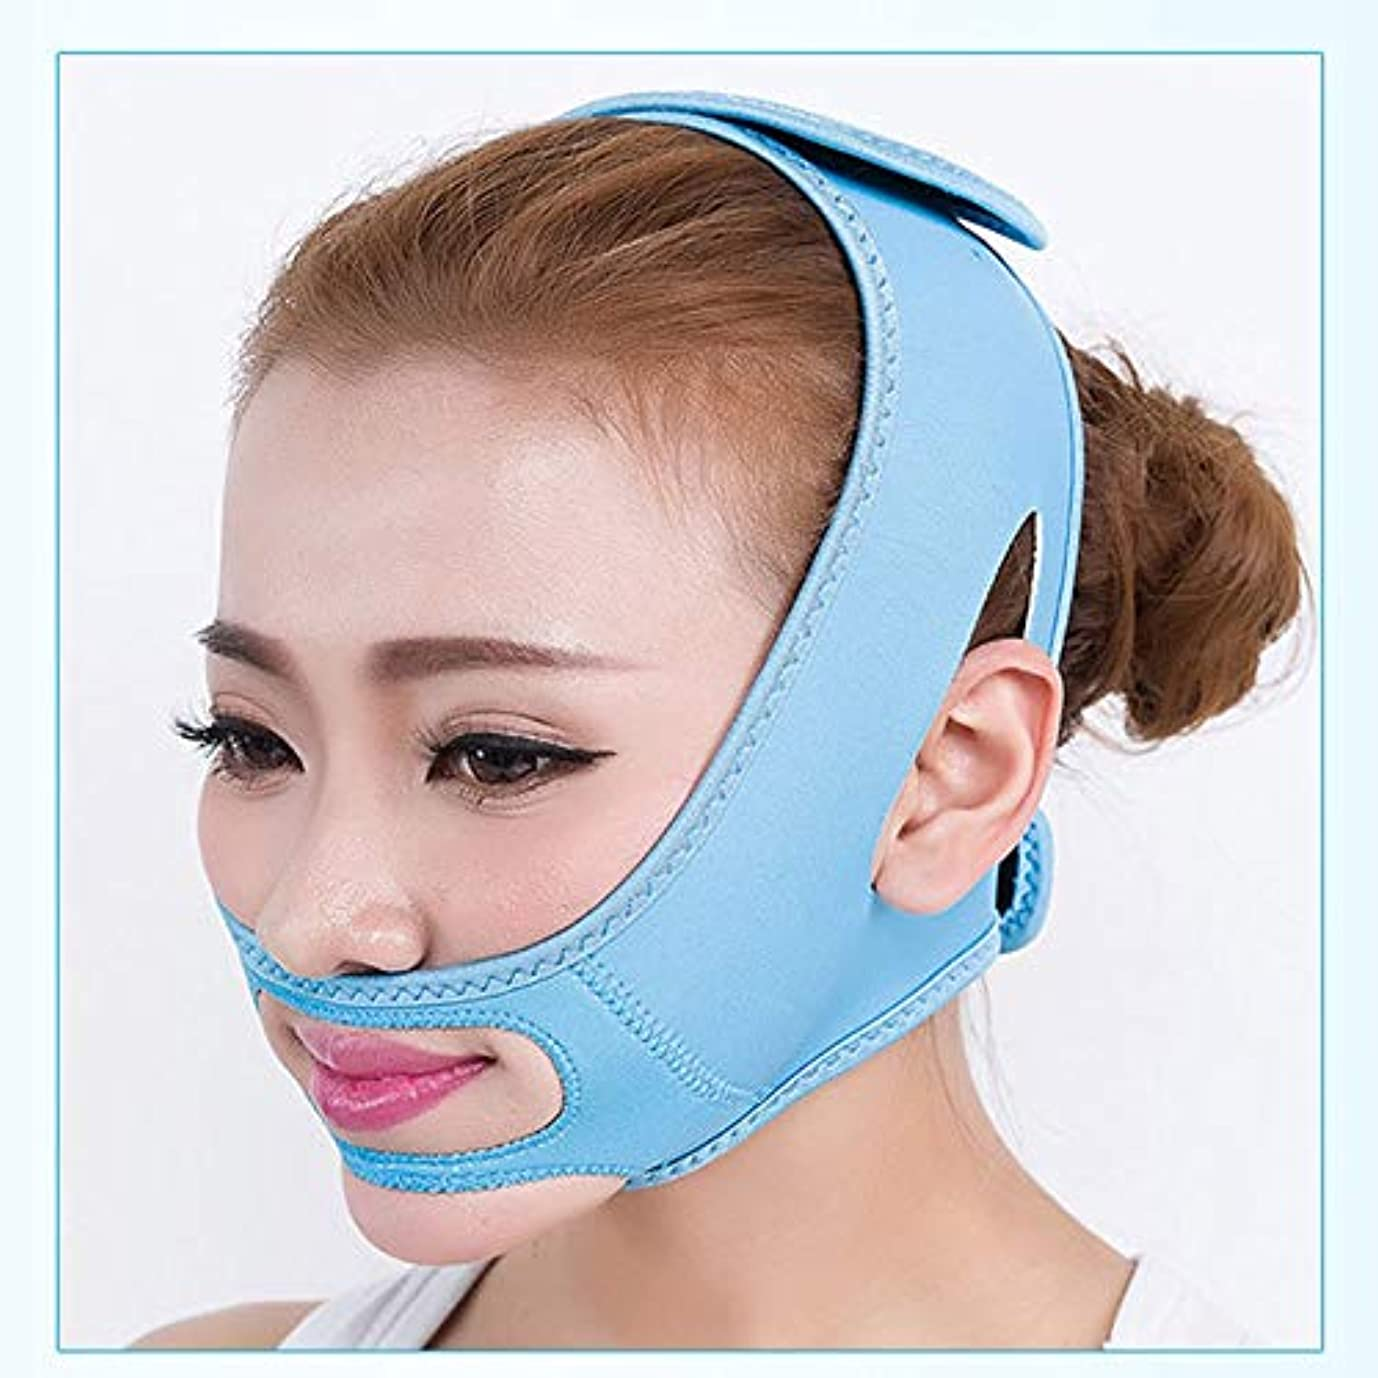 ボリューム評議会冷えるスモールVフェイス睡眠薄い顔ベルト、引き締めと薄い顔の強力な持ち上がる二重あご顔修正包帯,Blue